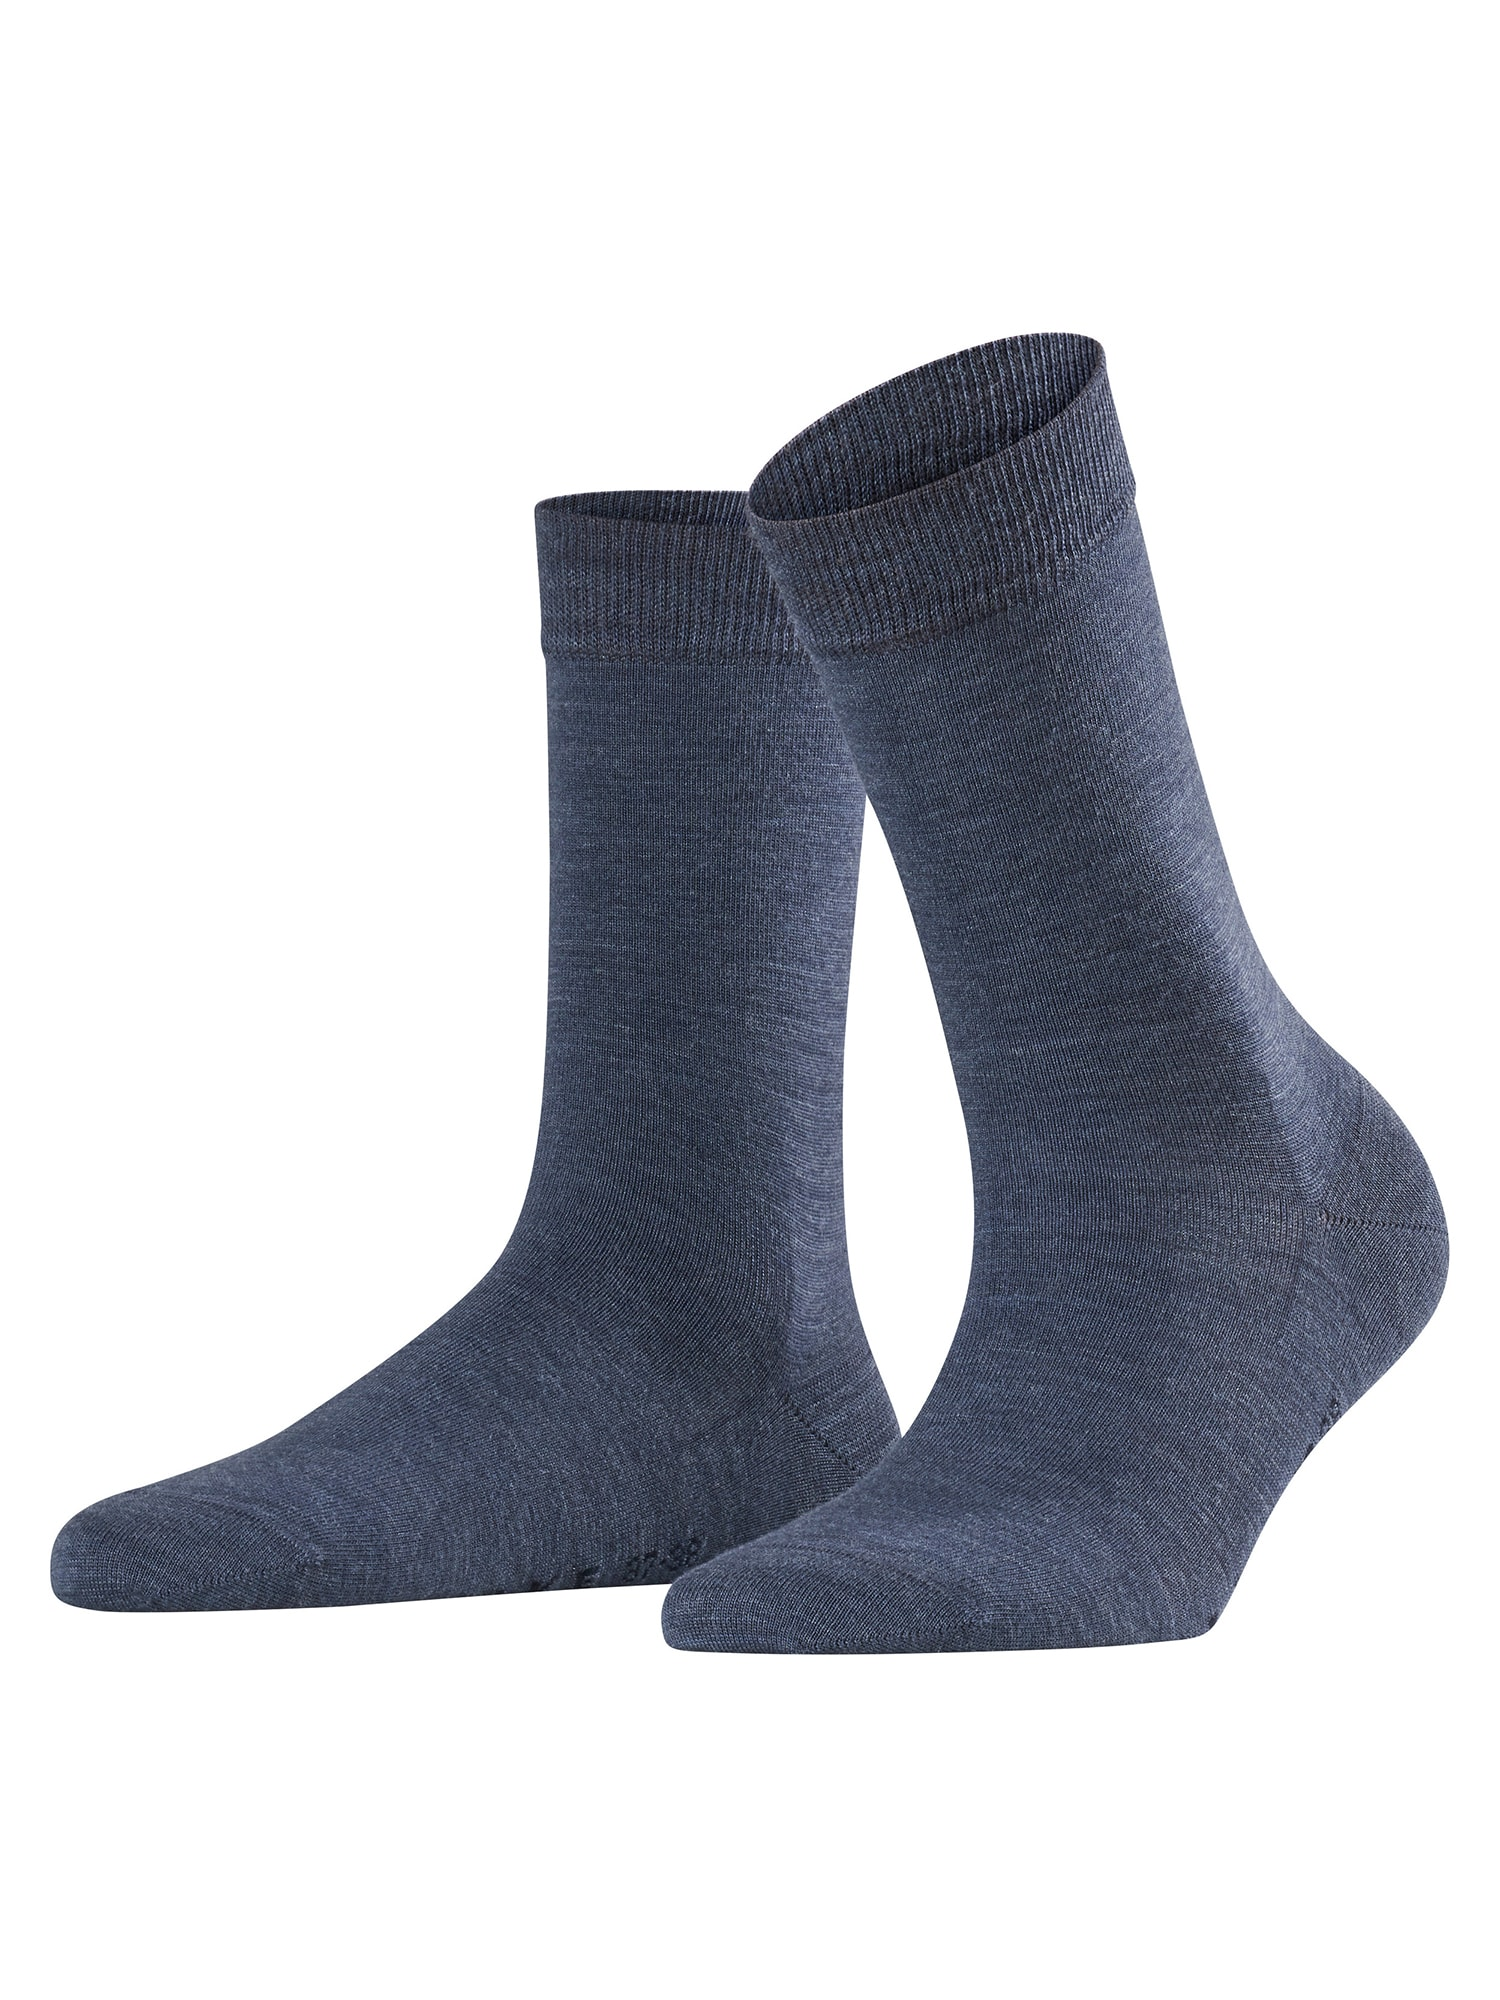 Ponožky Softme tmavě modrá FALKE